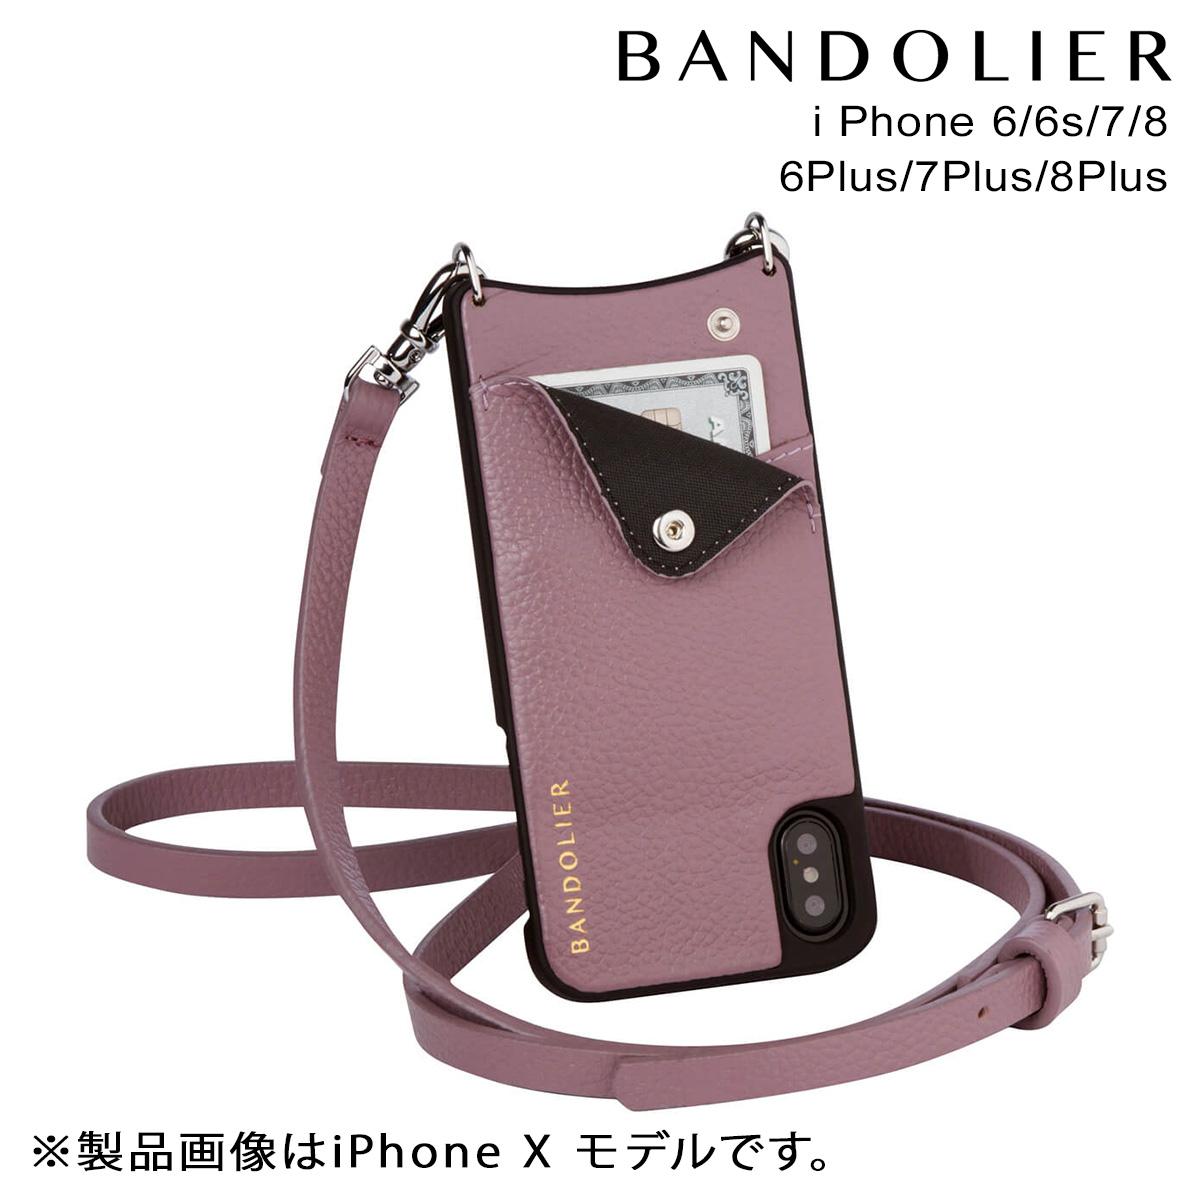 【最大2000円OFFクーポン配布】 BANDOLIER バンドリヤー iPhone8 iPhone7 7Plus 6s ケース スマホ アイフォン プラス EMMA IRIS メンズ レディース [9/19 新入荷]